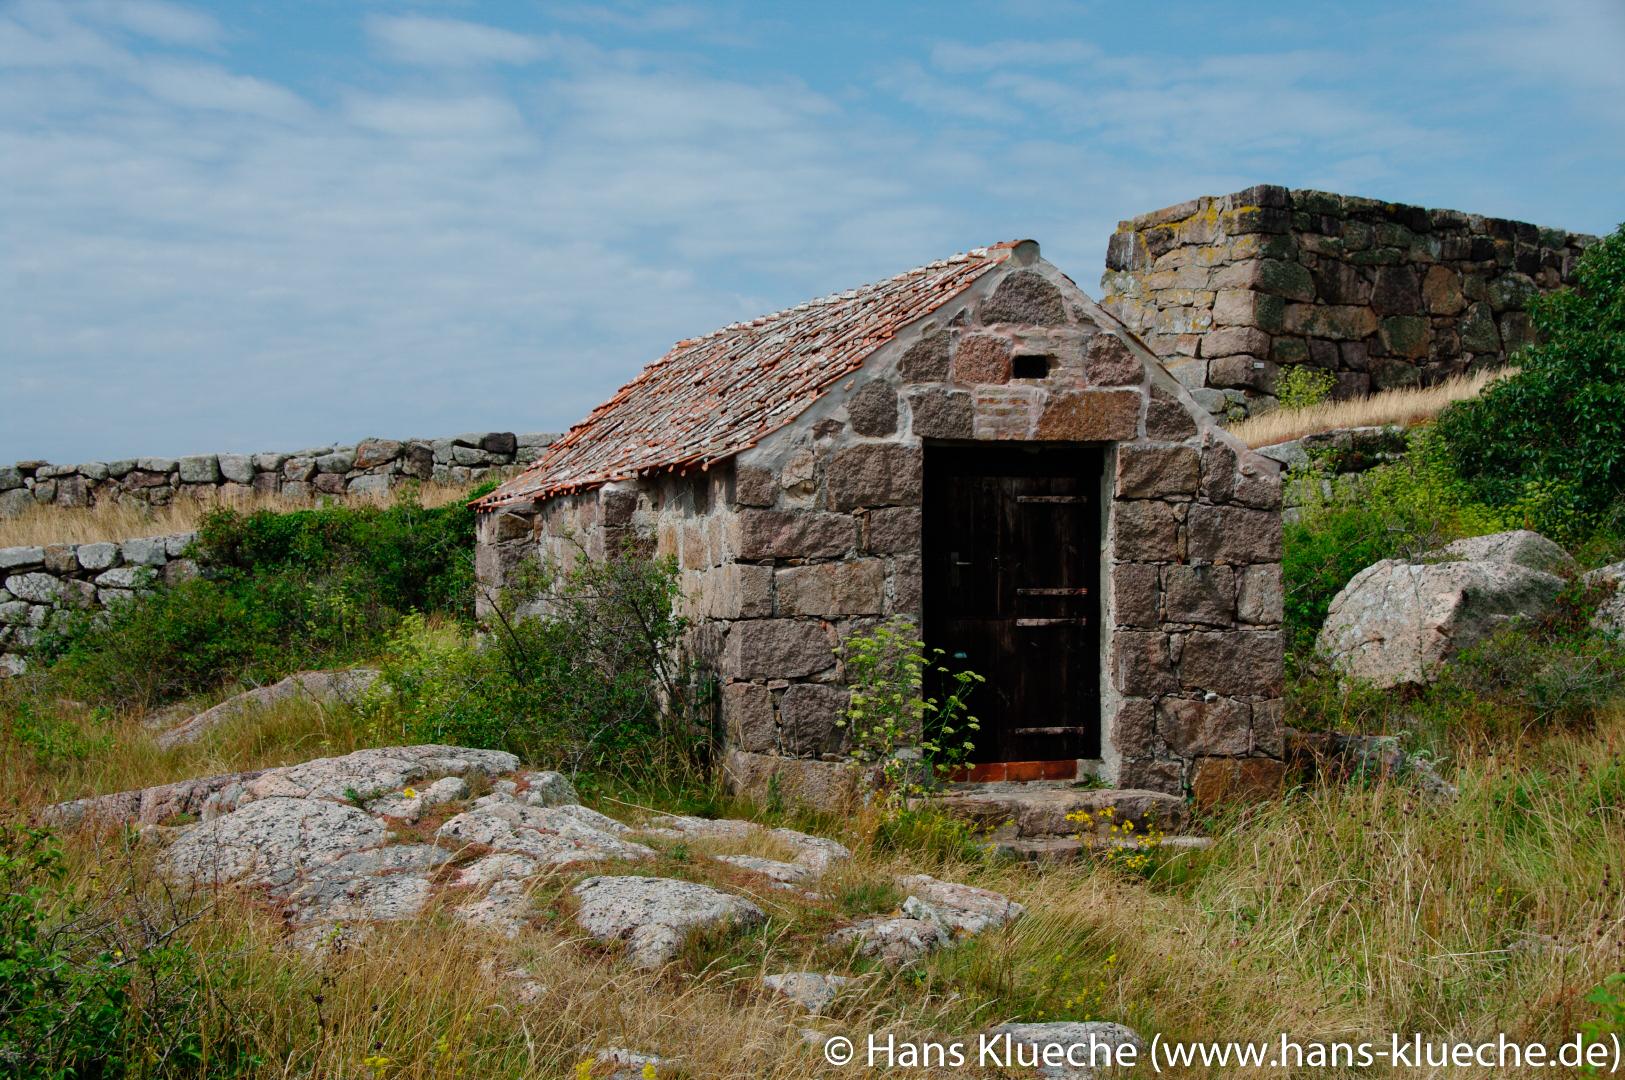 Festungsinsel Christiansø gehört zu Inselgruppe Ertmolmene nordöstlich von Bornholm: Gärten